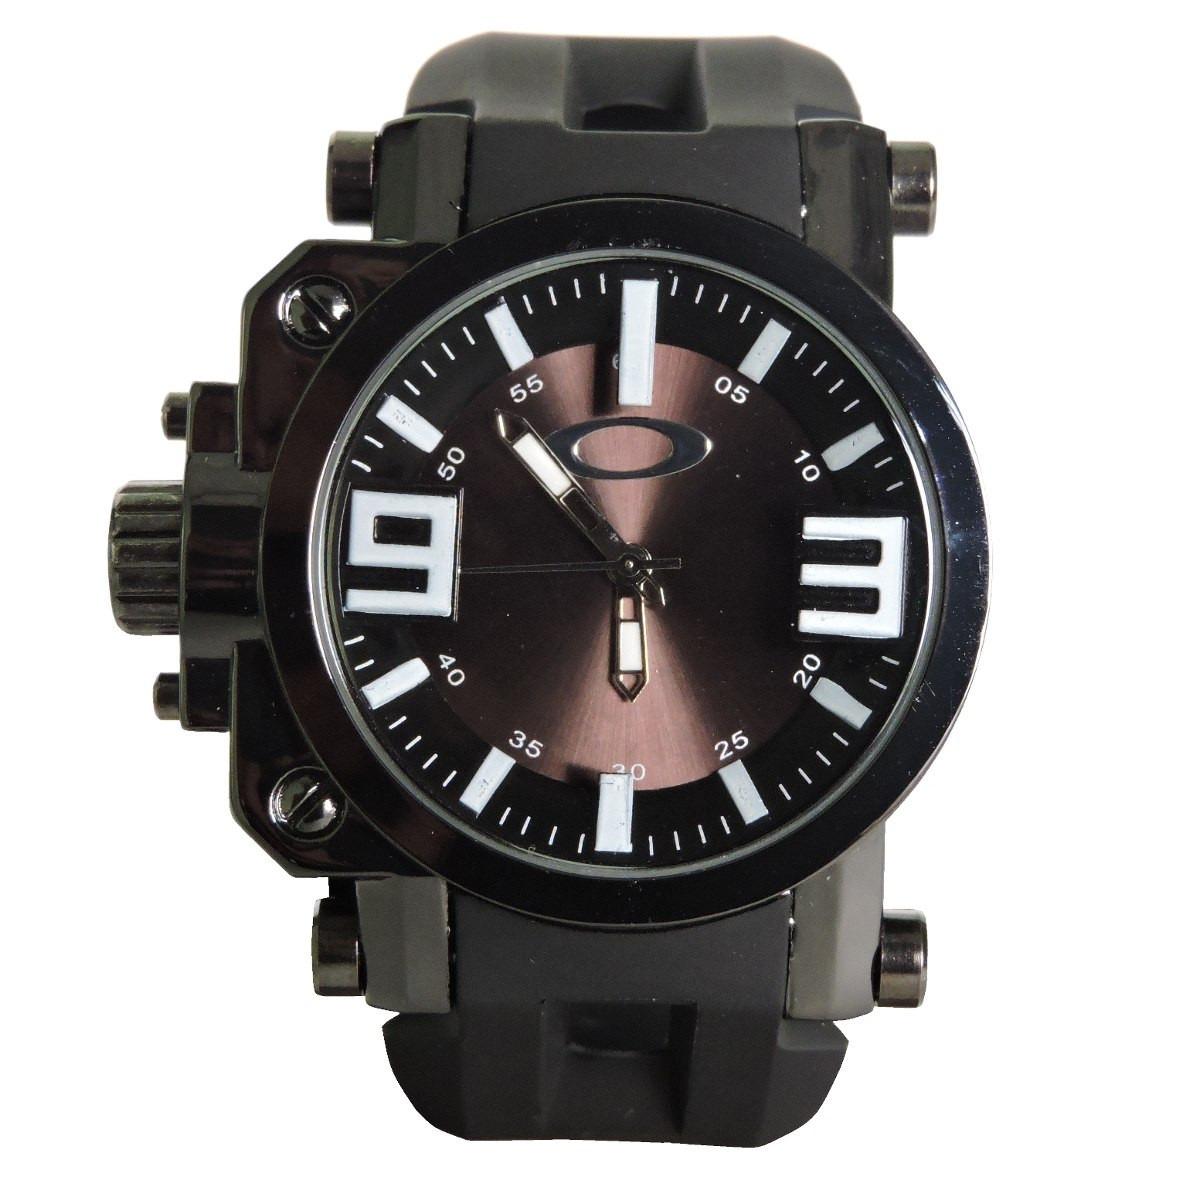 1466d68e2a6 relógio masculino oakley gearbox esporte preto. Carregando zoom.